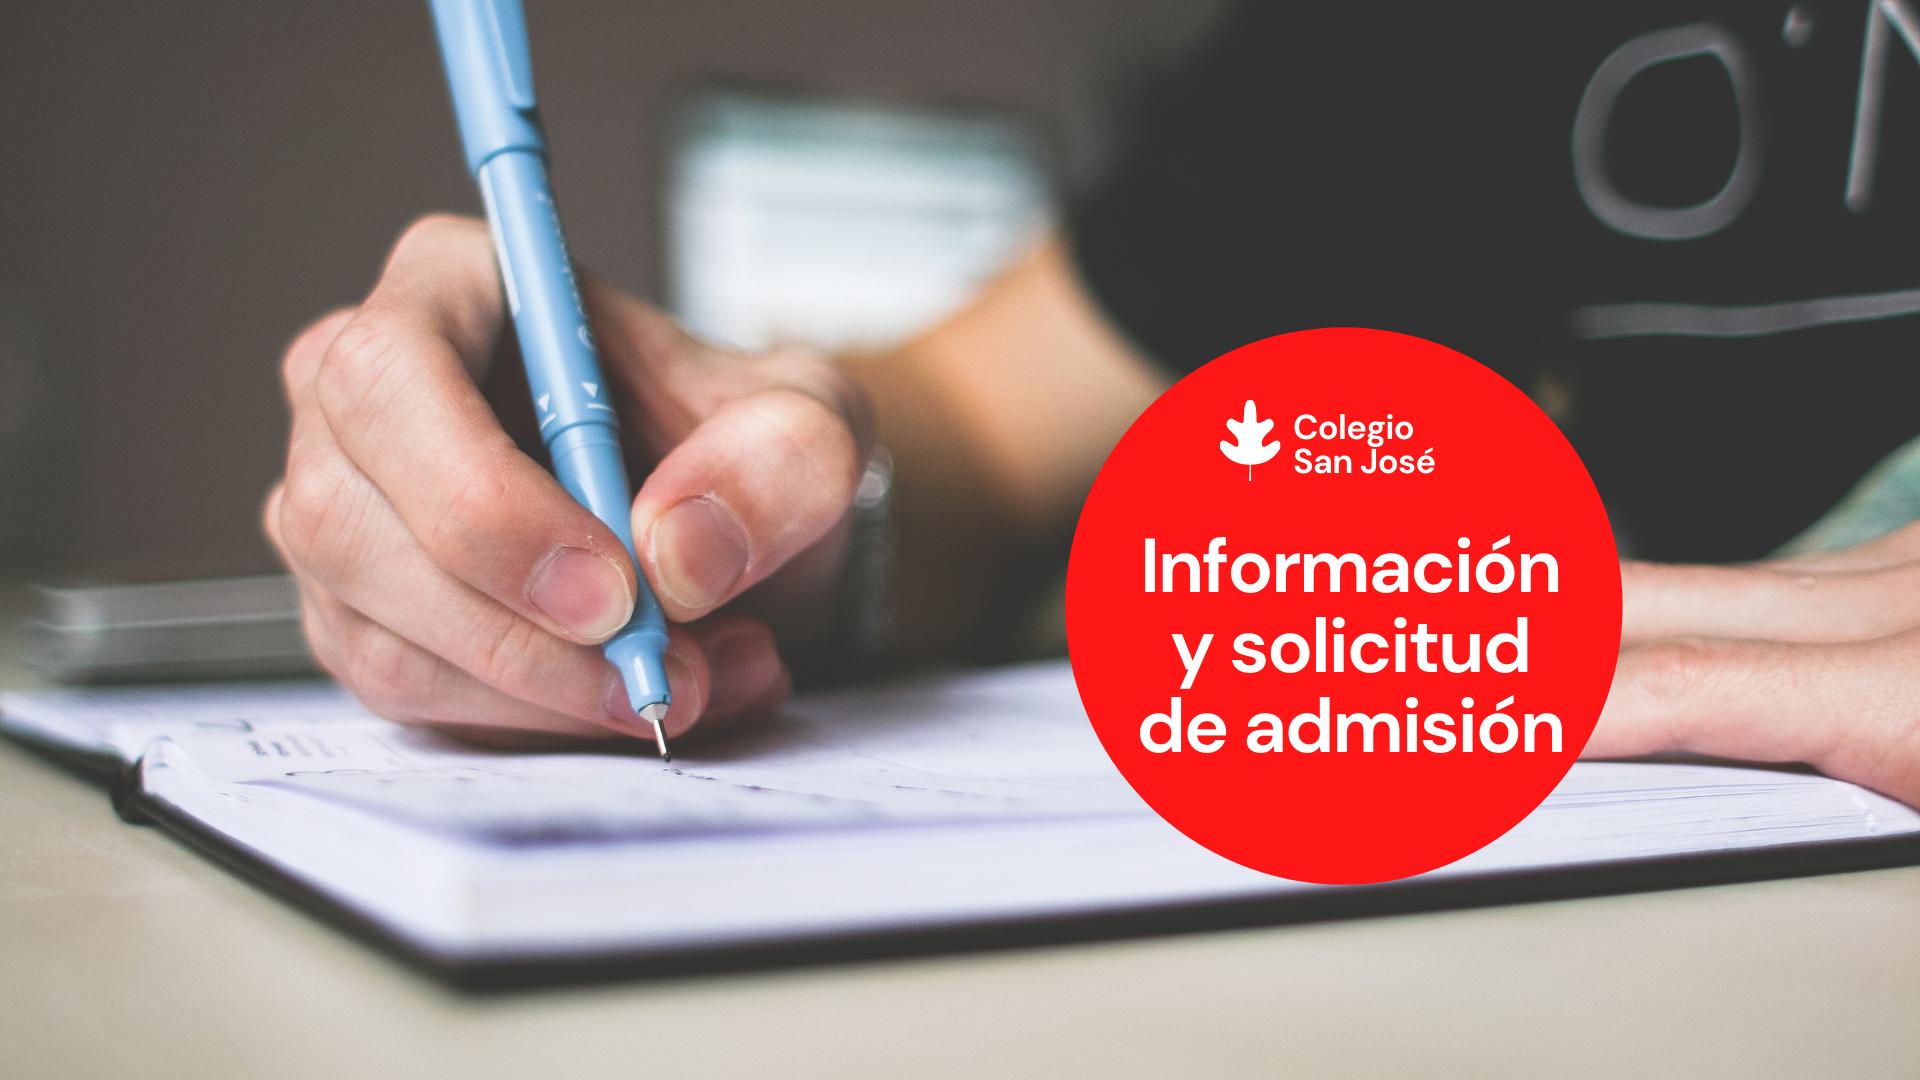 informacion y admision